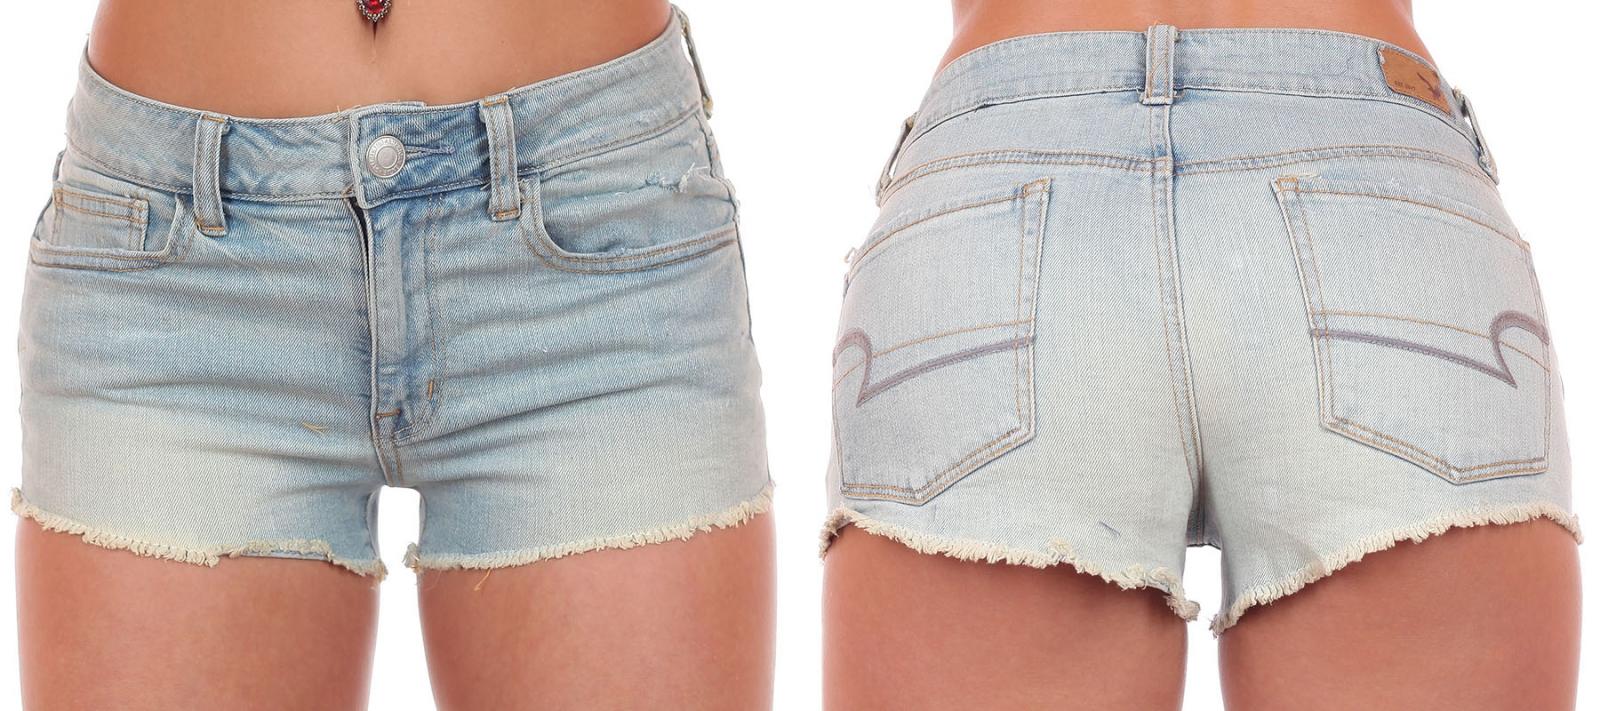 Сногсшибательные джинсовые шортики с удобной доставкой